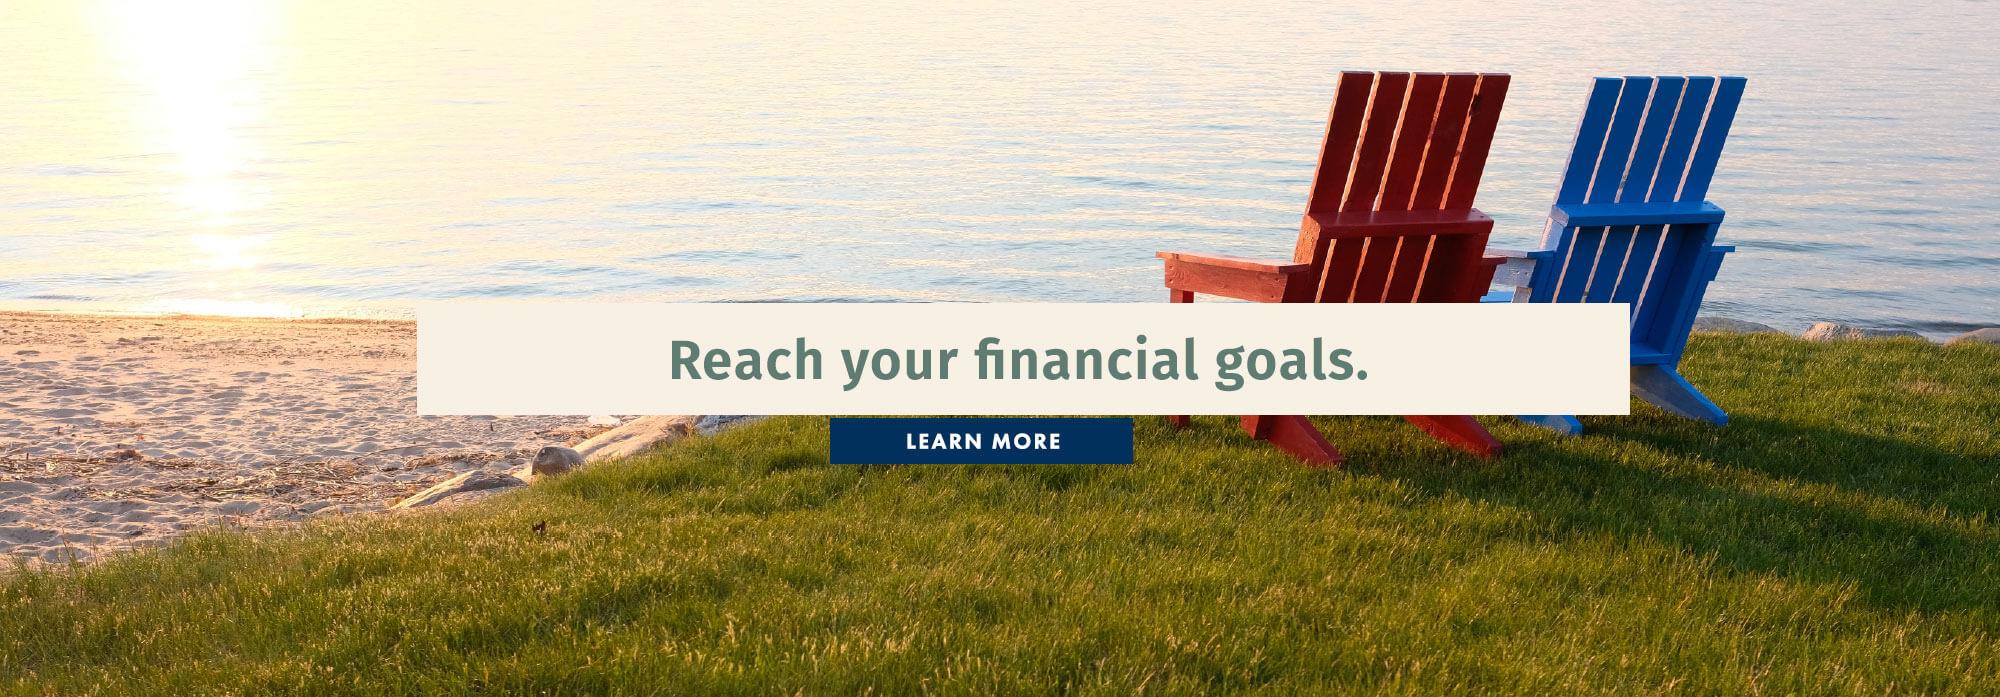 Reach your financial goals.